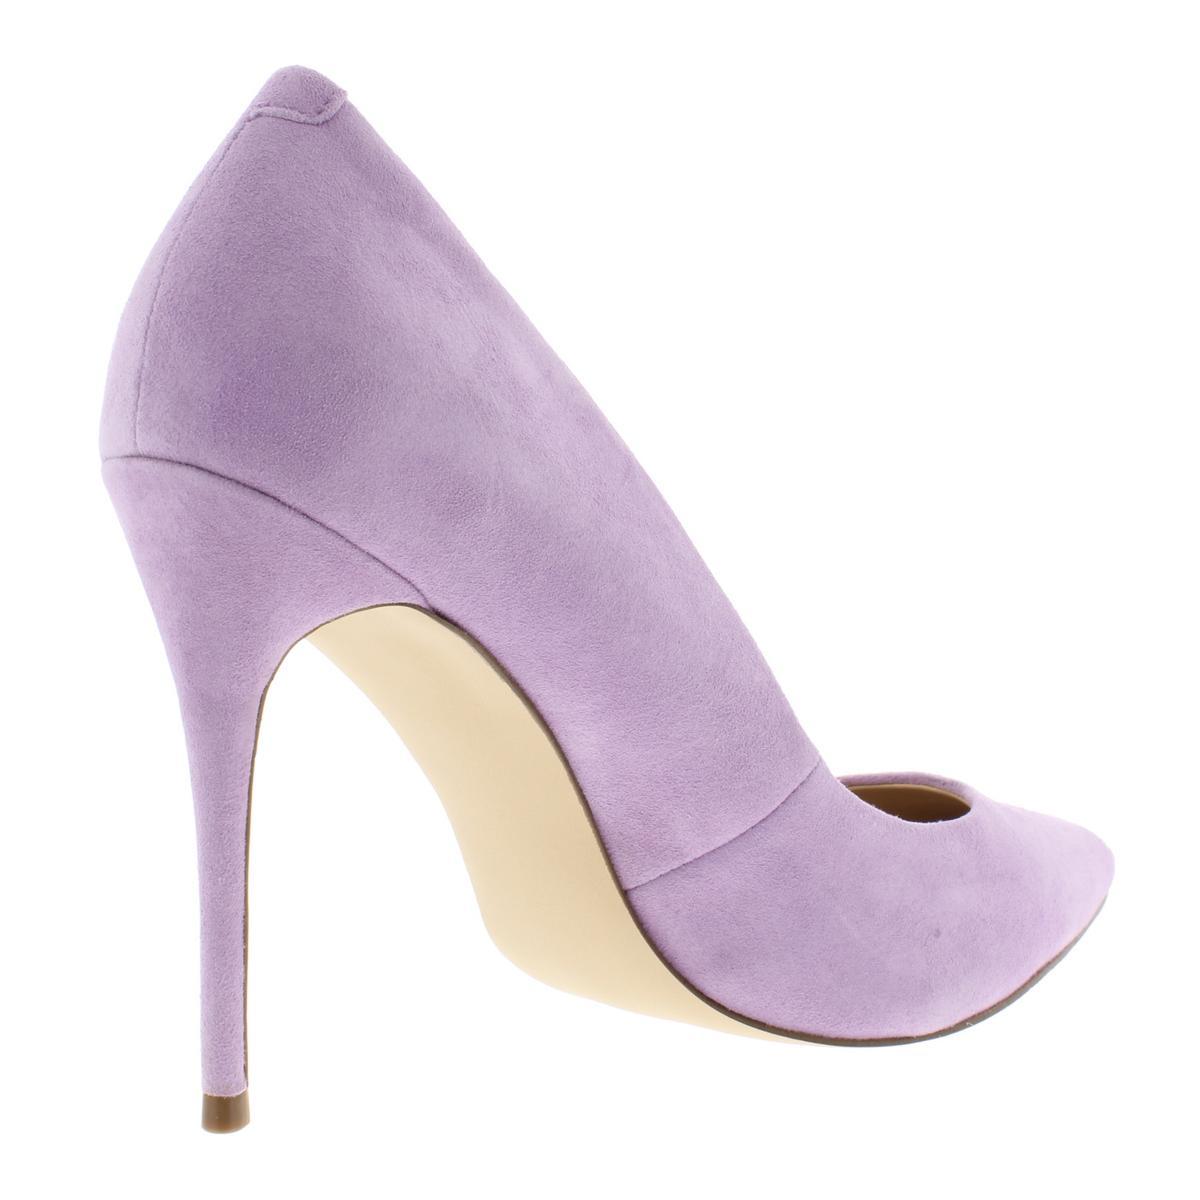 Steve-Madden-Womens-Daisie-Evening-Heels-Shoes-BHFO-4616 thumbnail 14